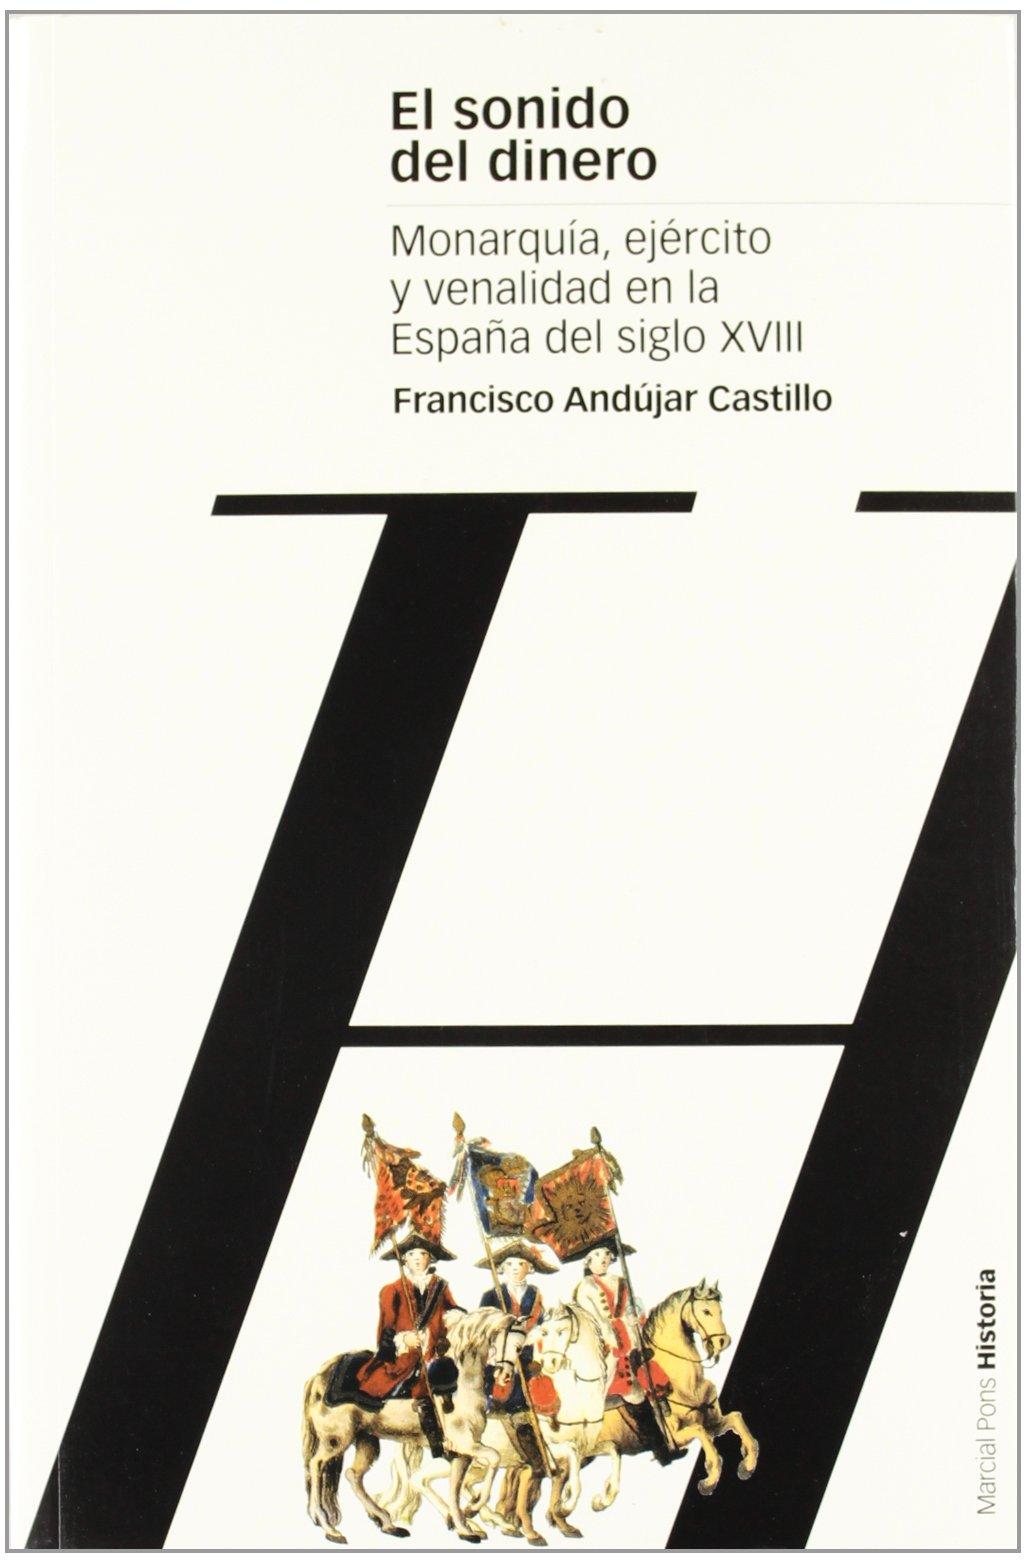 SONIDO DEL DINERO, EL: Monarquía, ejército y venalidad en la España del siglo XVIII Estudios: Amazon.es: Andujar Castillo, Francisco: Libros